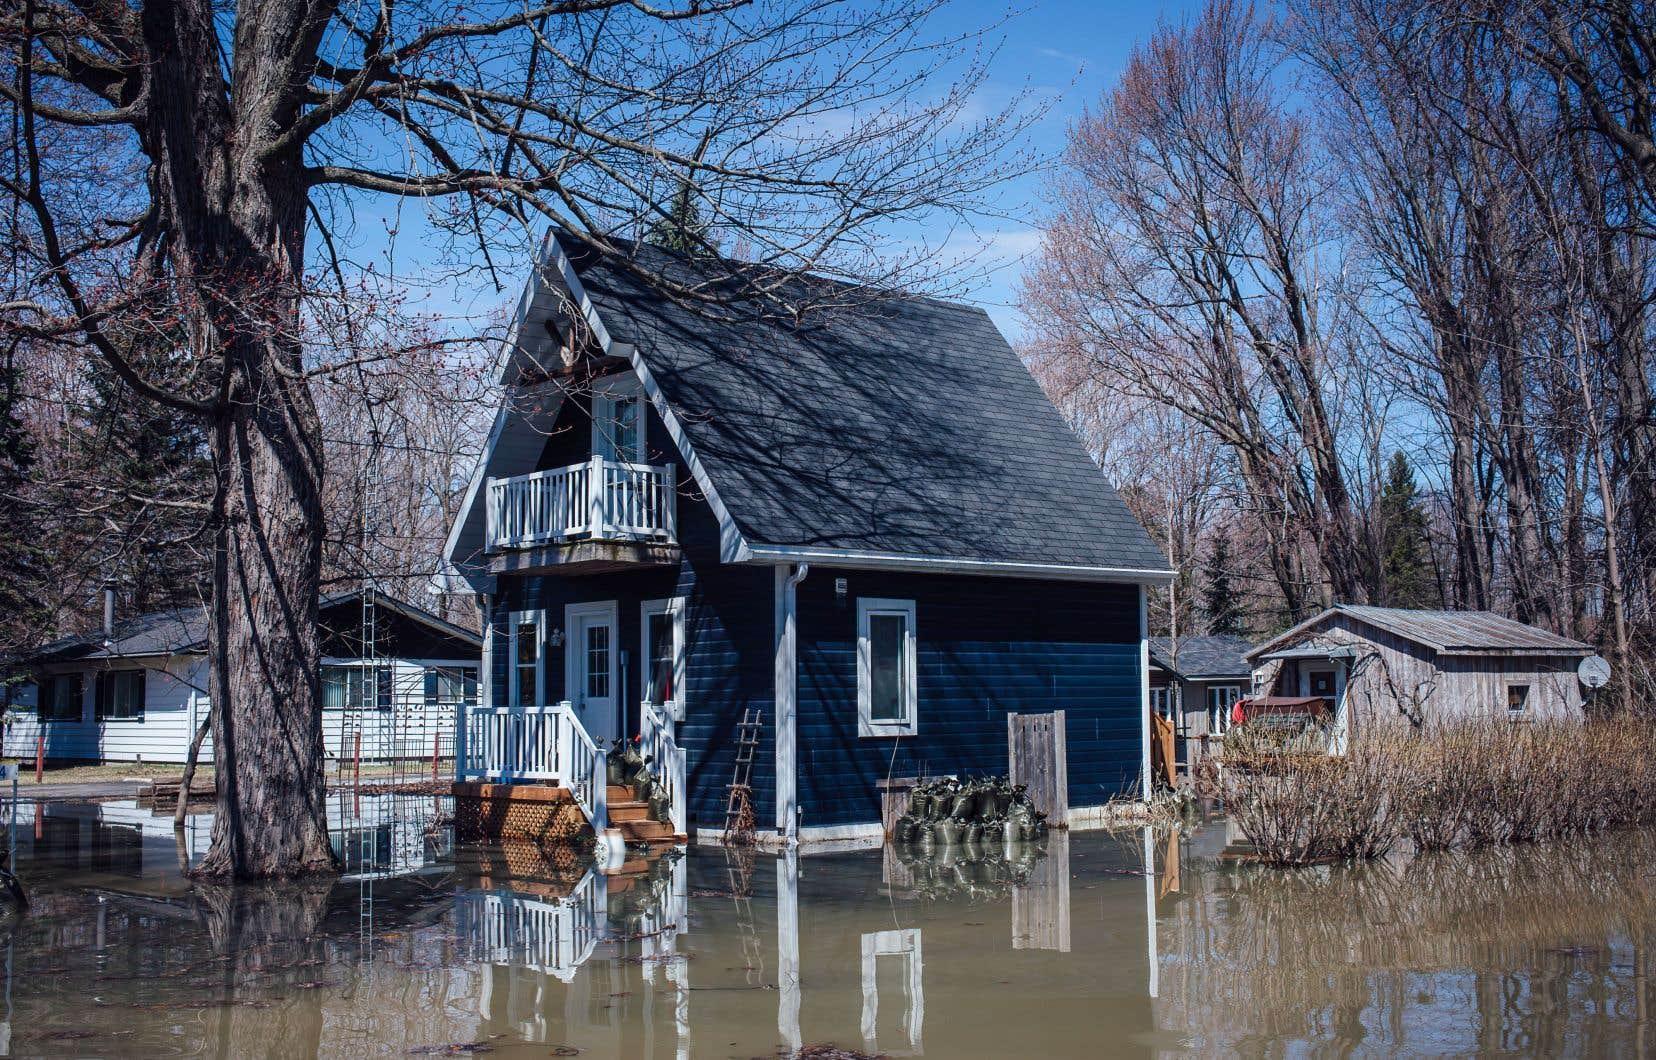 Le gouvernement Legault a dévoilé il y a deux semaines une bonification du programme général d'indemnisation des sinistrés, qui promet entre autres des fonds pour relocaliser des gens ayant été frappés par des inondations successives.